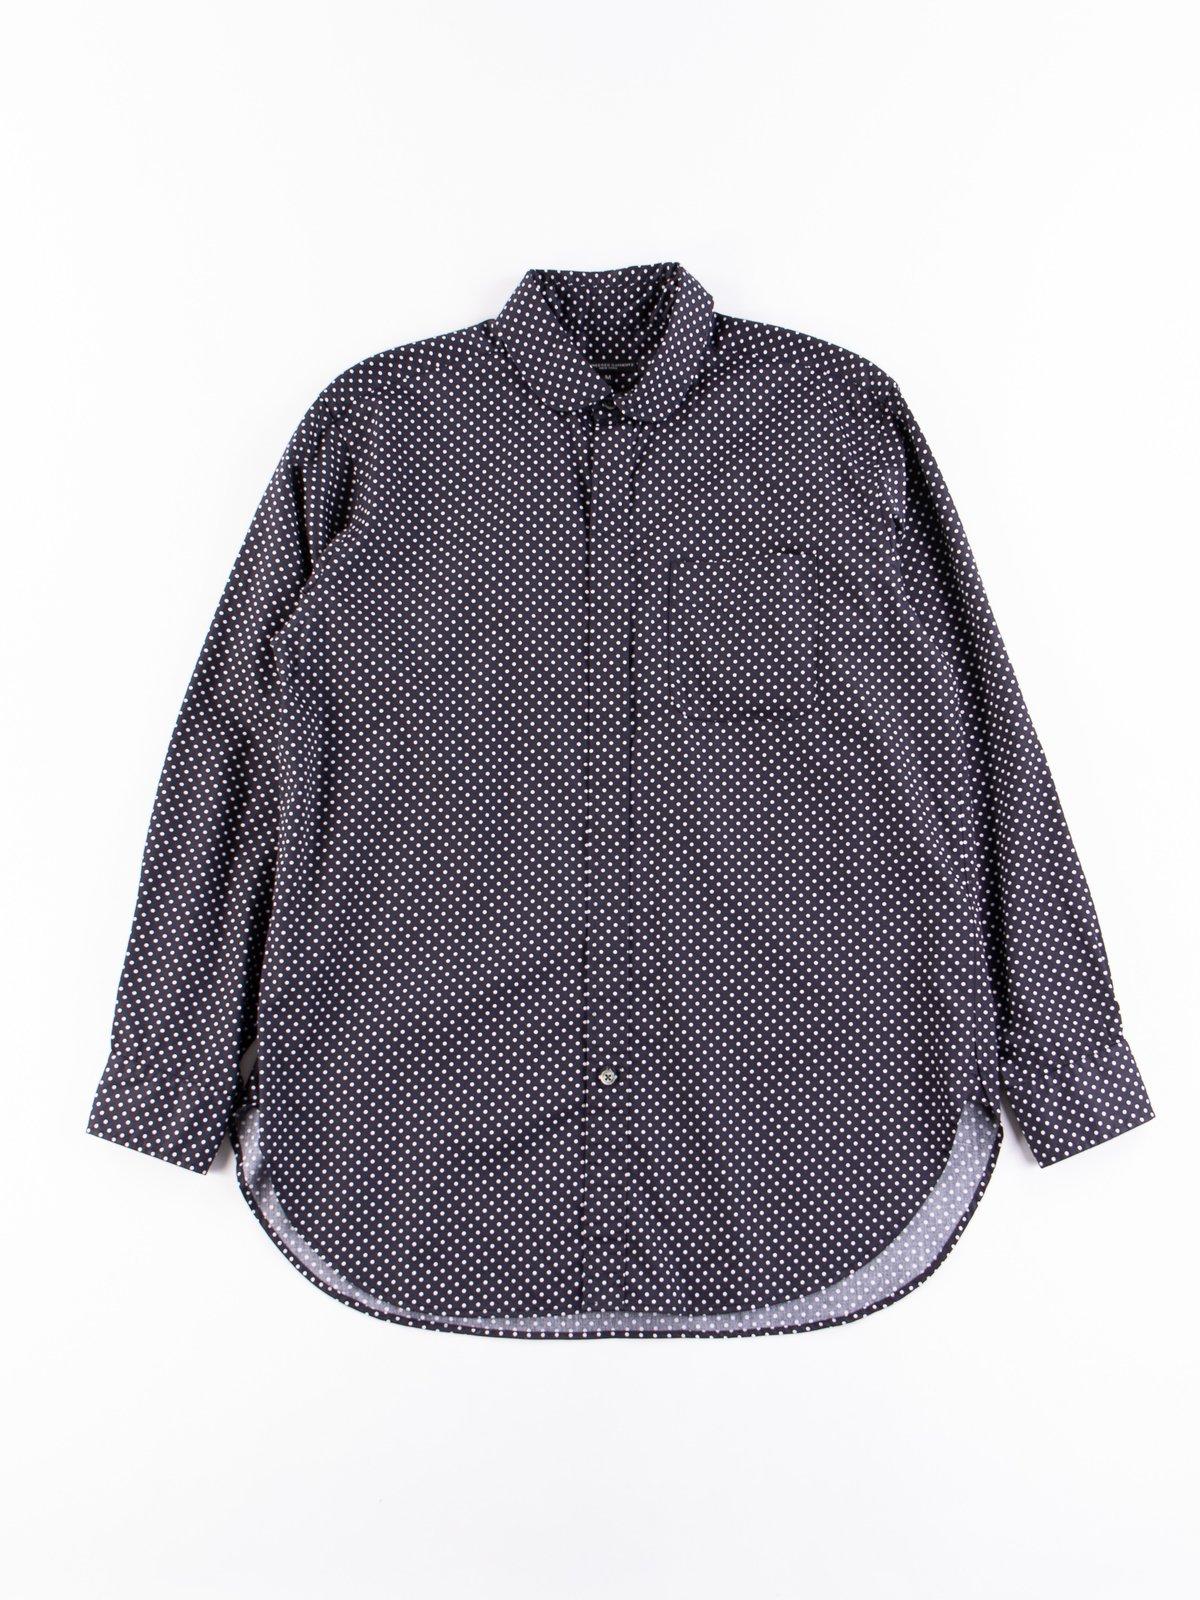 Navy Cotton Big Polka Dot Broadcloth Rounded Collar Shirt - Image 1